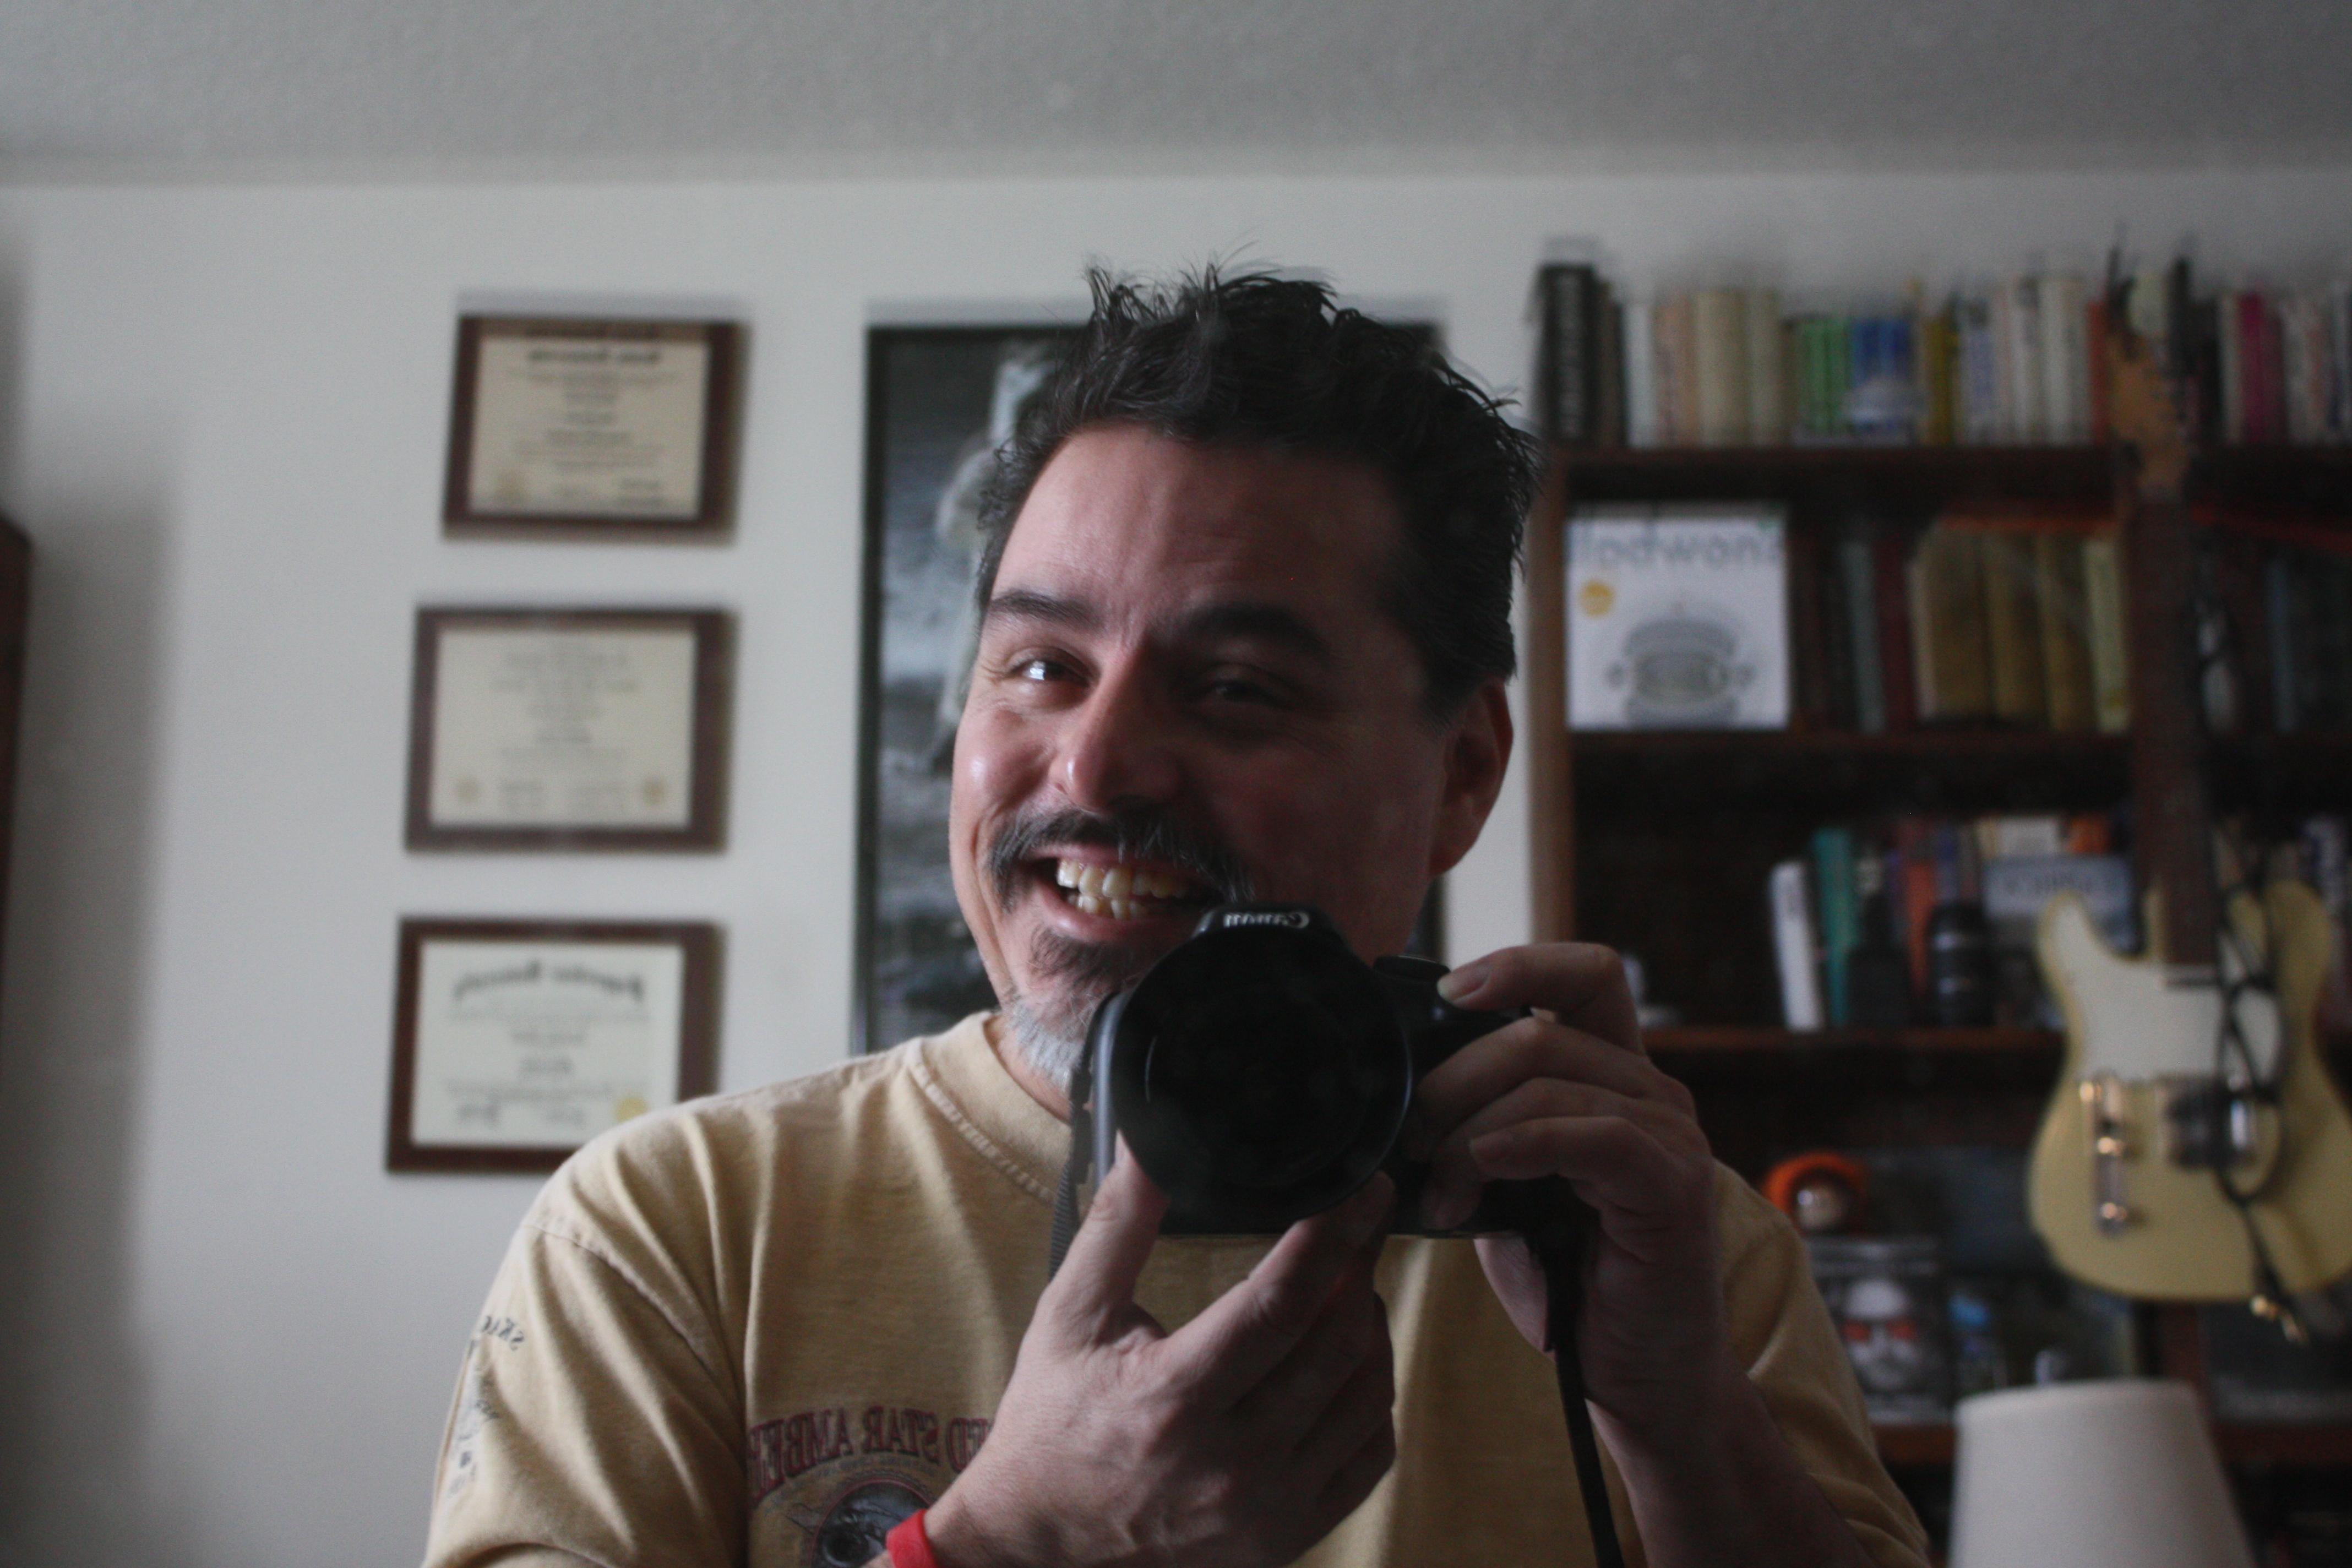 2011-02-18_Beware-of-joe-and-his-camera